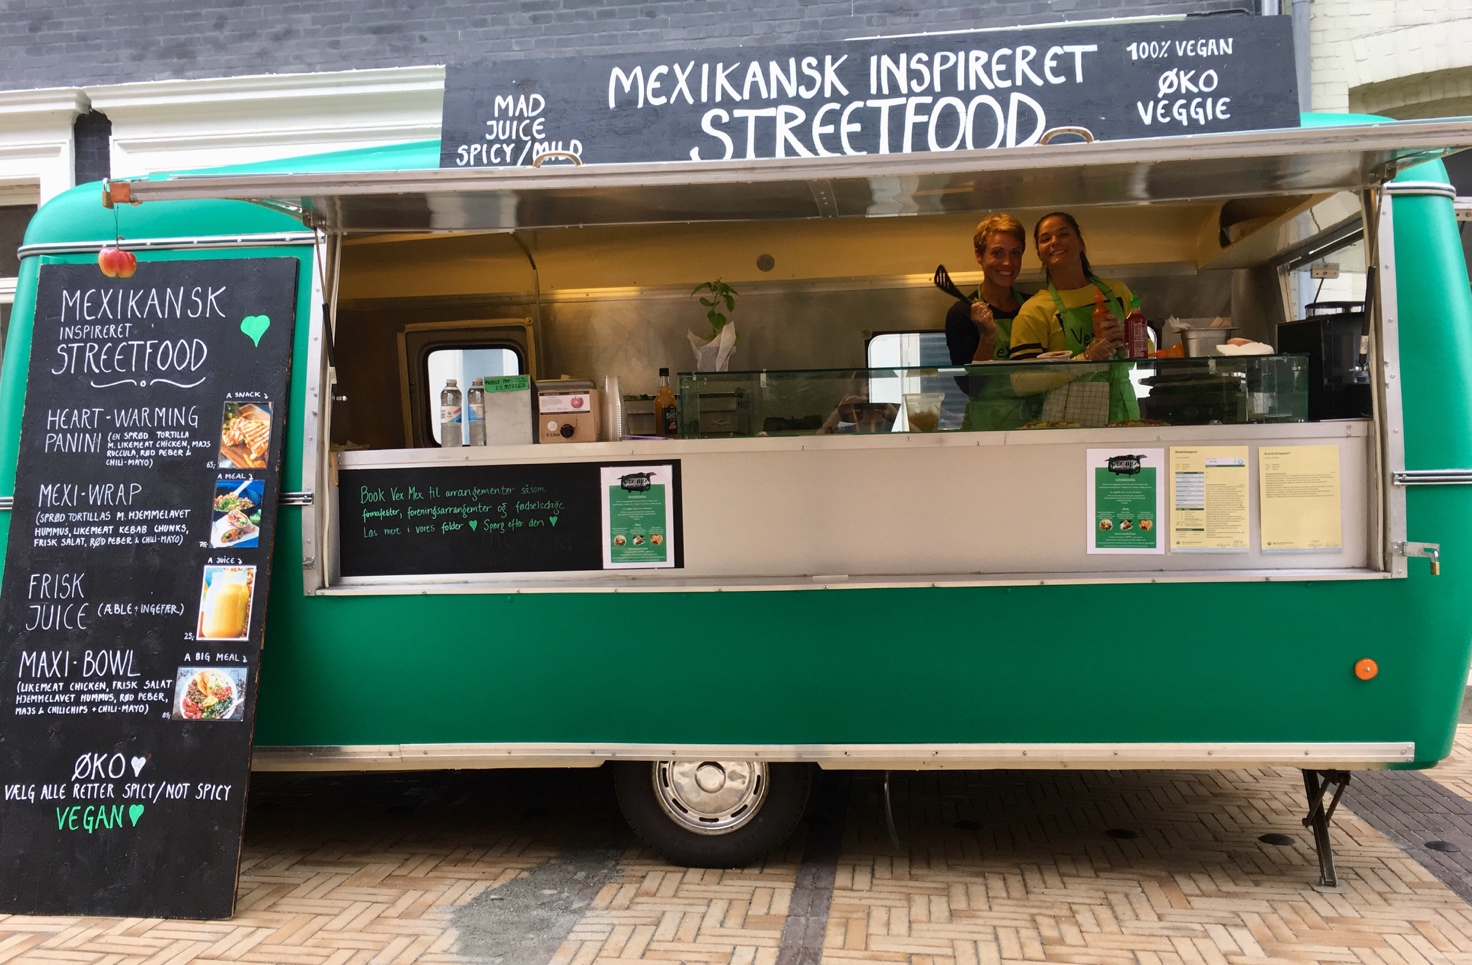 Vex Mex Foodtruck